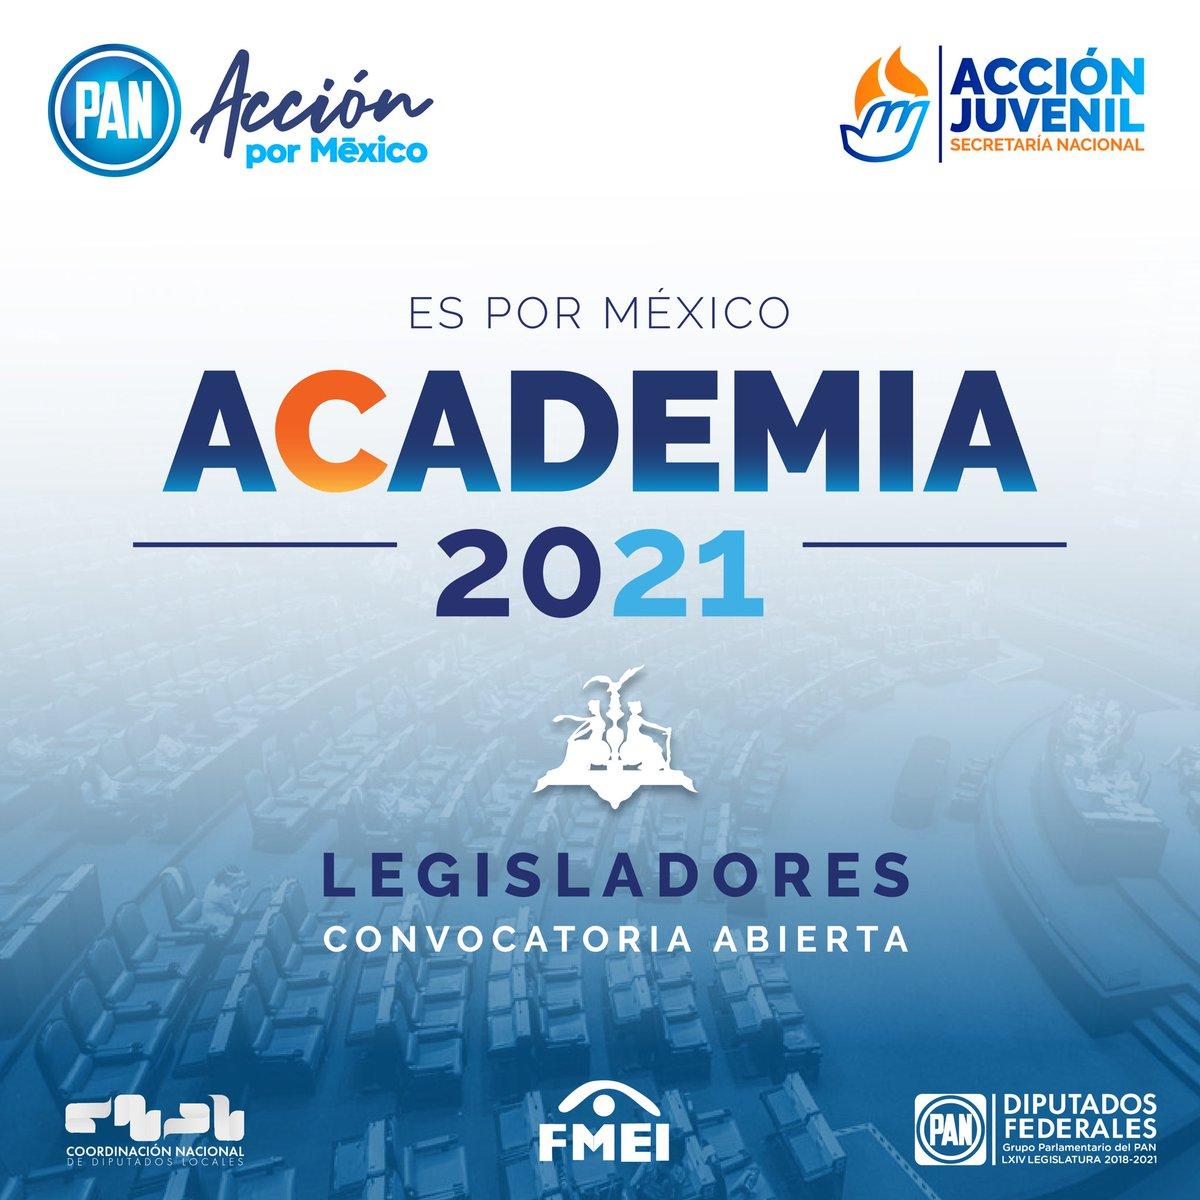 ¿Quieres ser diputado del PAN🔵 en 2021?   #AcciónJuvenil, @diputadospan🙋♀️🙋♂️, la Coordinación Nacional de Diputados Locales y la Fundación Miguel Estrada Iturbide te invita a participar en la Academia 2021.  Convocatoria📲 https://t.co/l2TGCRey5C https://t.co/i2TAyBJavK